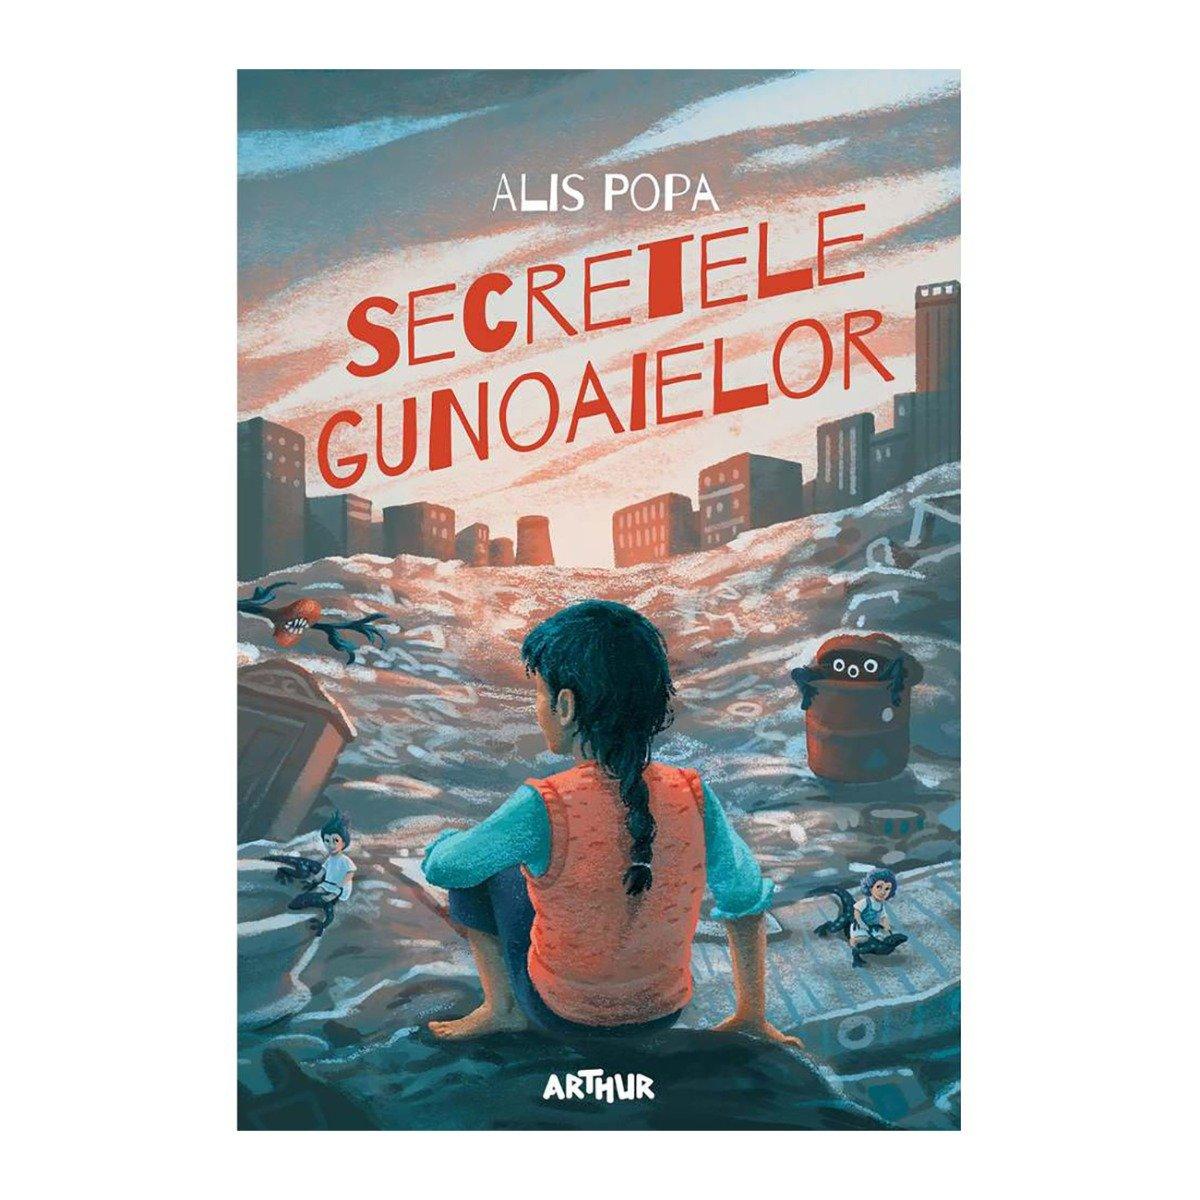 Carte Editura Arthur, Secretele gunoaielor, Alis Popa